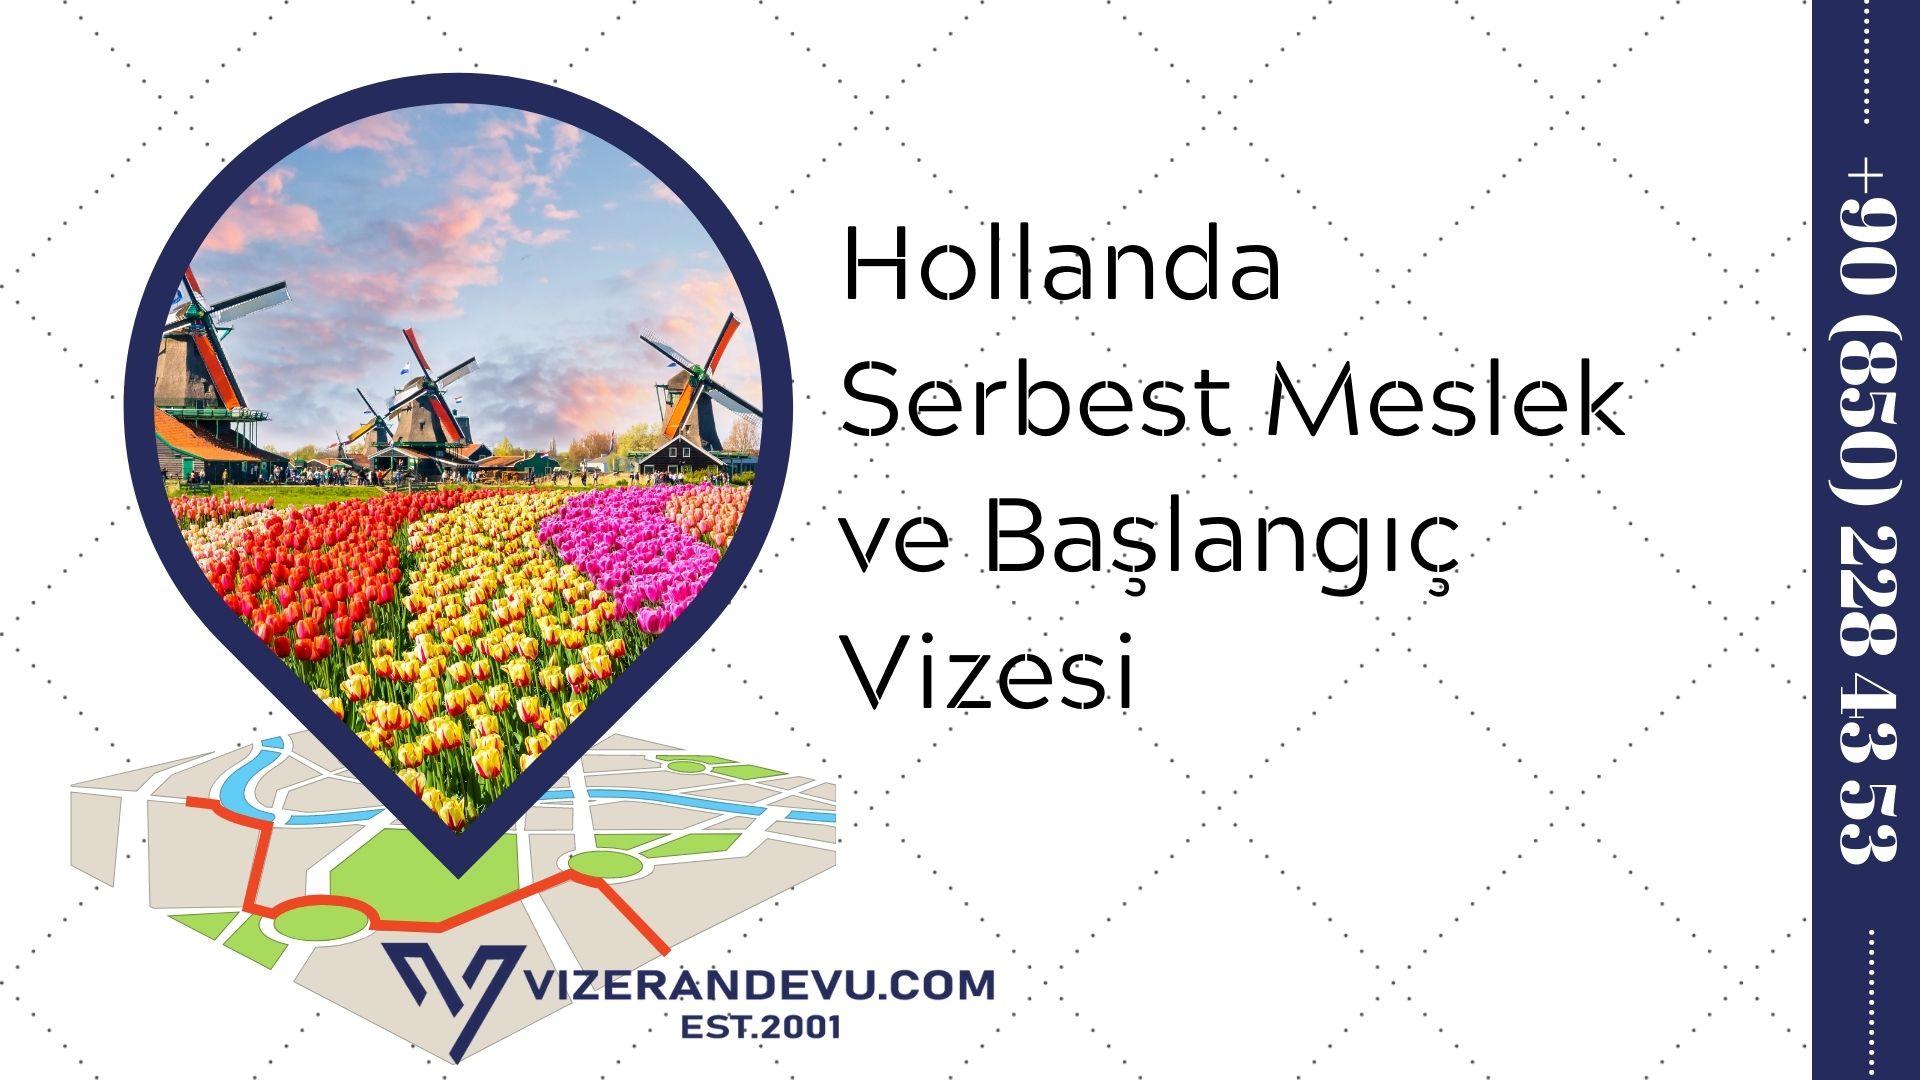 Hollanda Serbest Meslek ve Başlangıç Vizesi